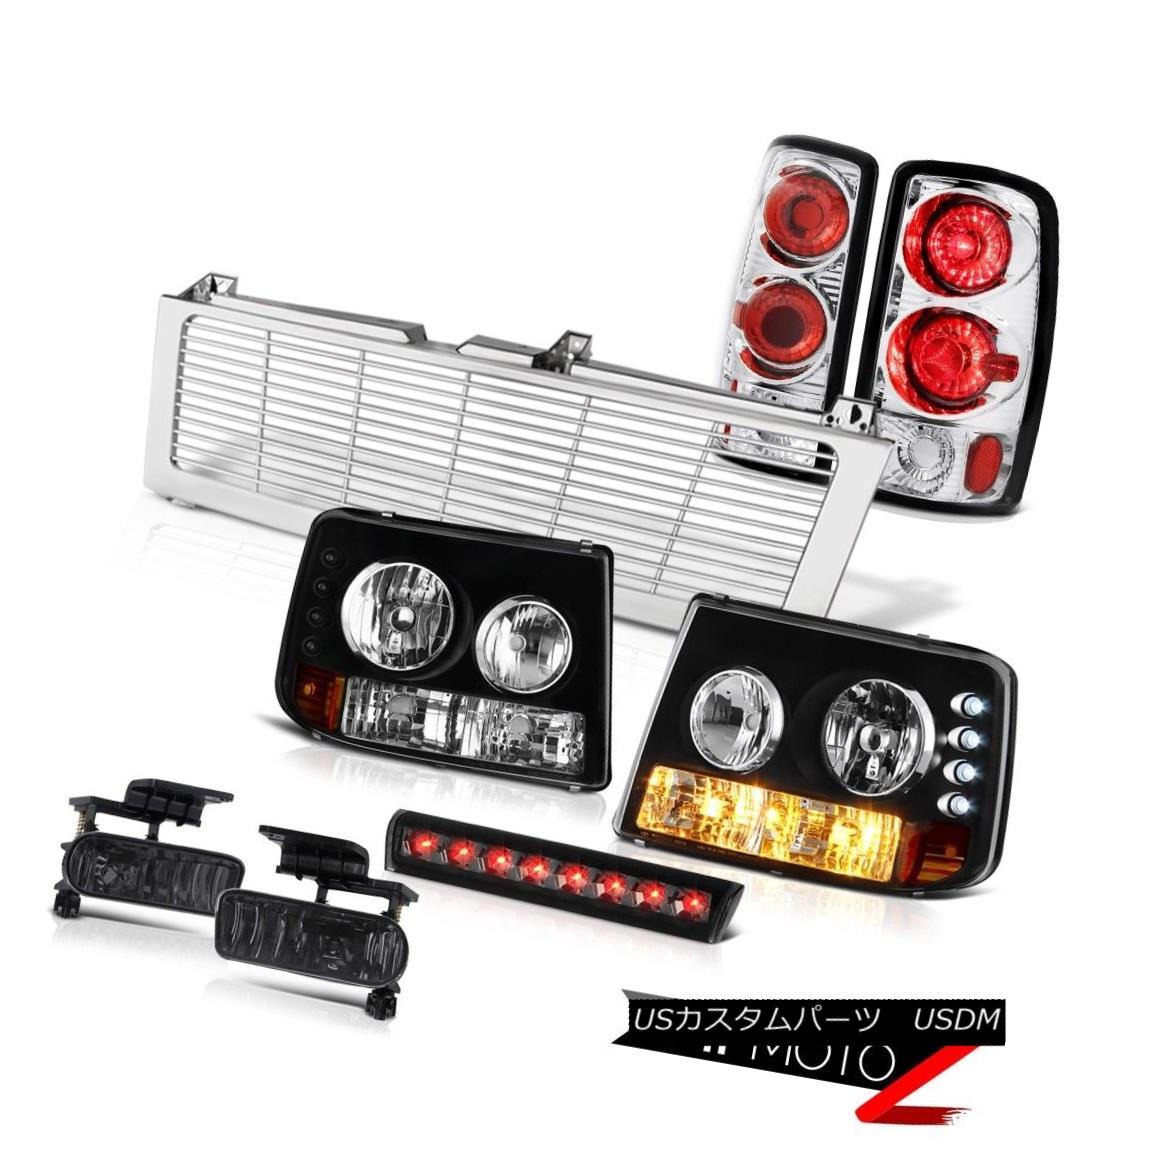 テールライト Crystal Headlights Euro Taillamps Fog 3rd Brake LED Chrome 00-06 Suburban 2500 クリスタルヘッドライトユーロタイルランプフォグ3rdブレーキLED Chrome 00-06郊外2500